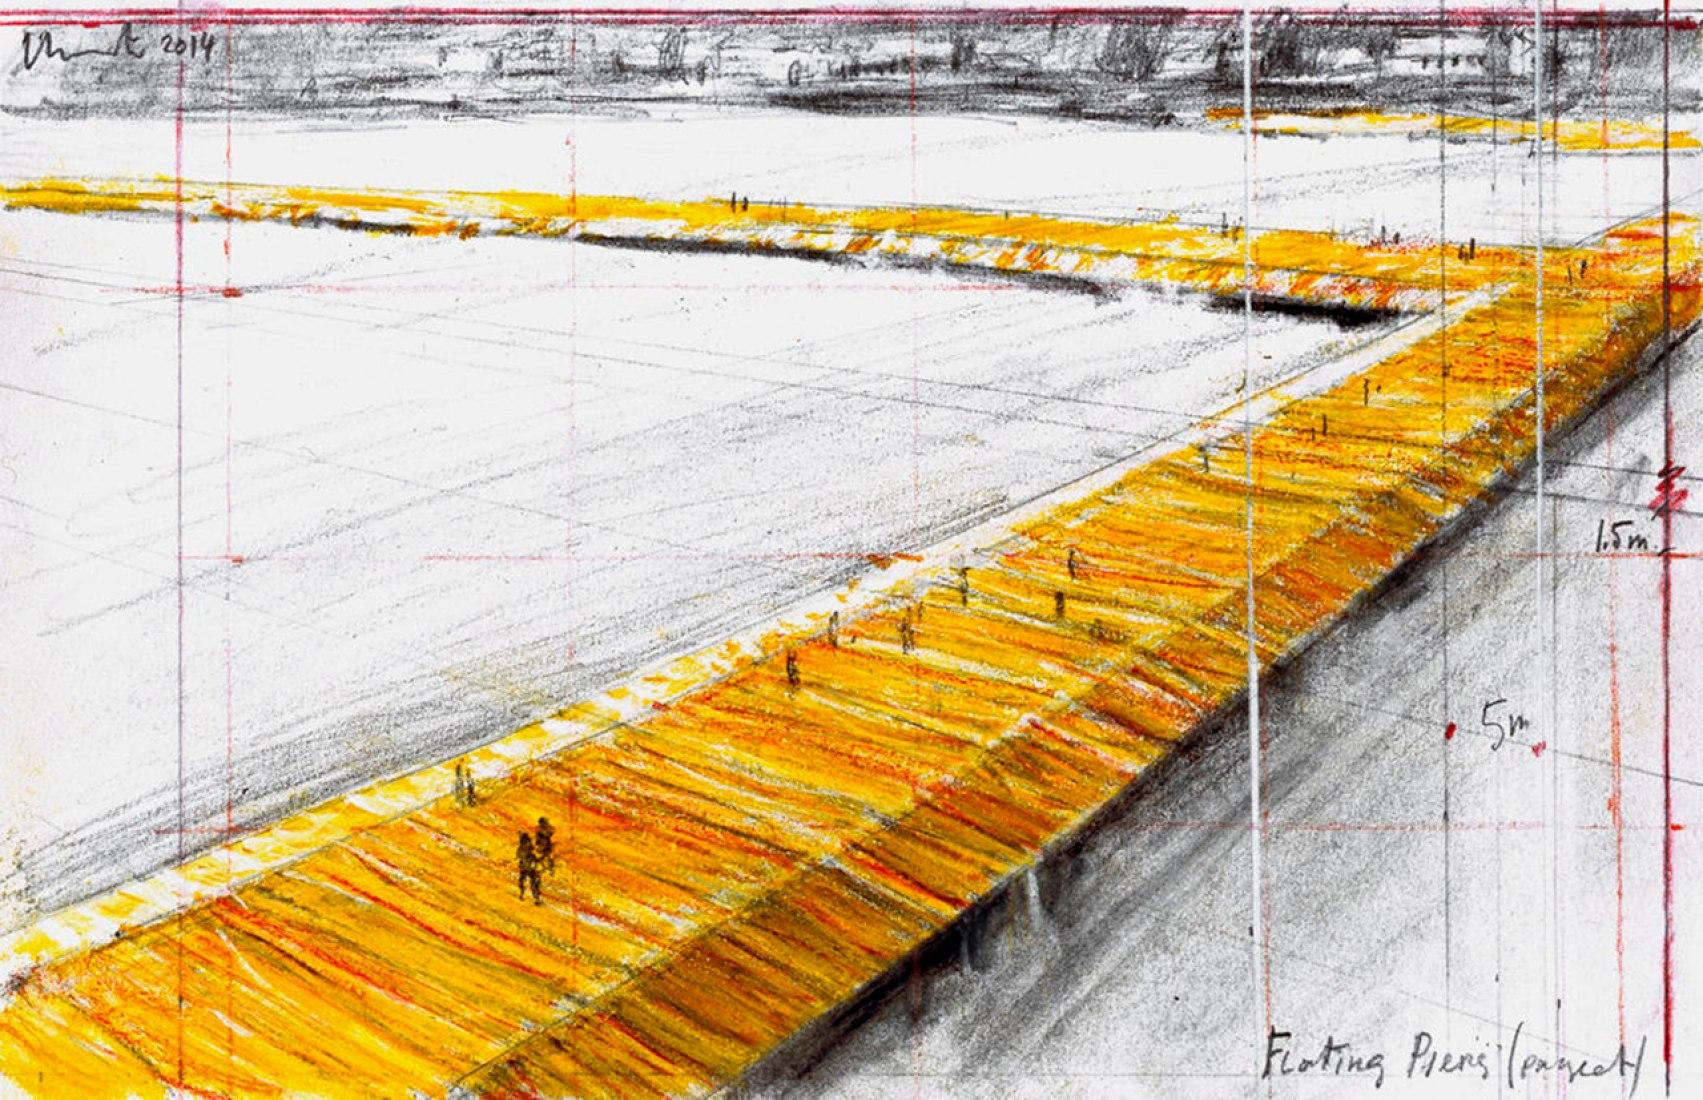 The Floating Piers (Proyecto en el Lago Iseo, Italia) Christo Dibujo 2014. Lápiz, carboncillo y pastel. Fotografía André Grossmann © 2014 Christo.